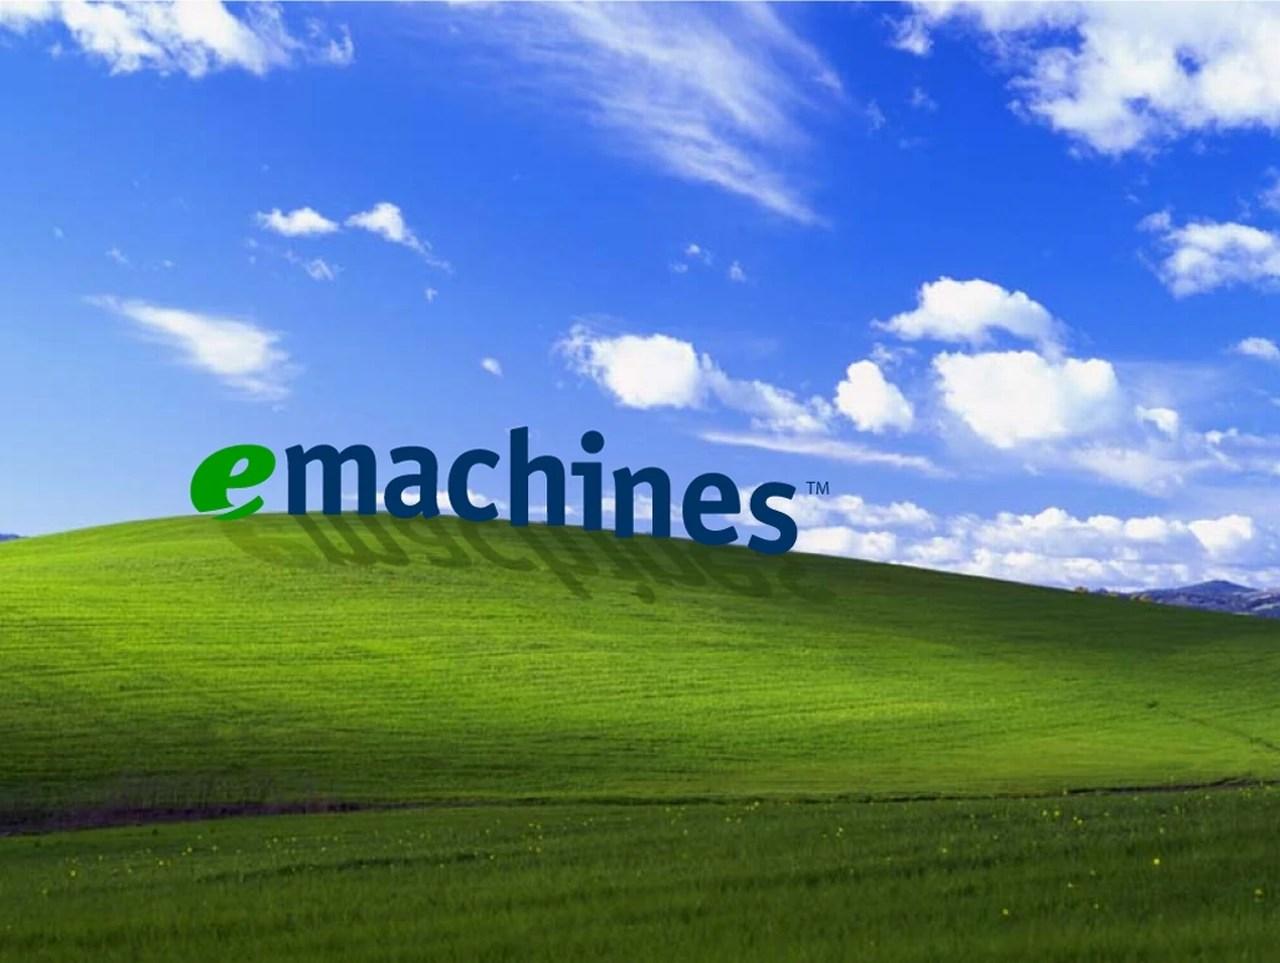 emachines logopedia fandom powered